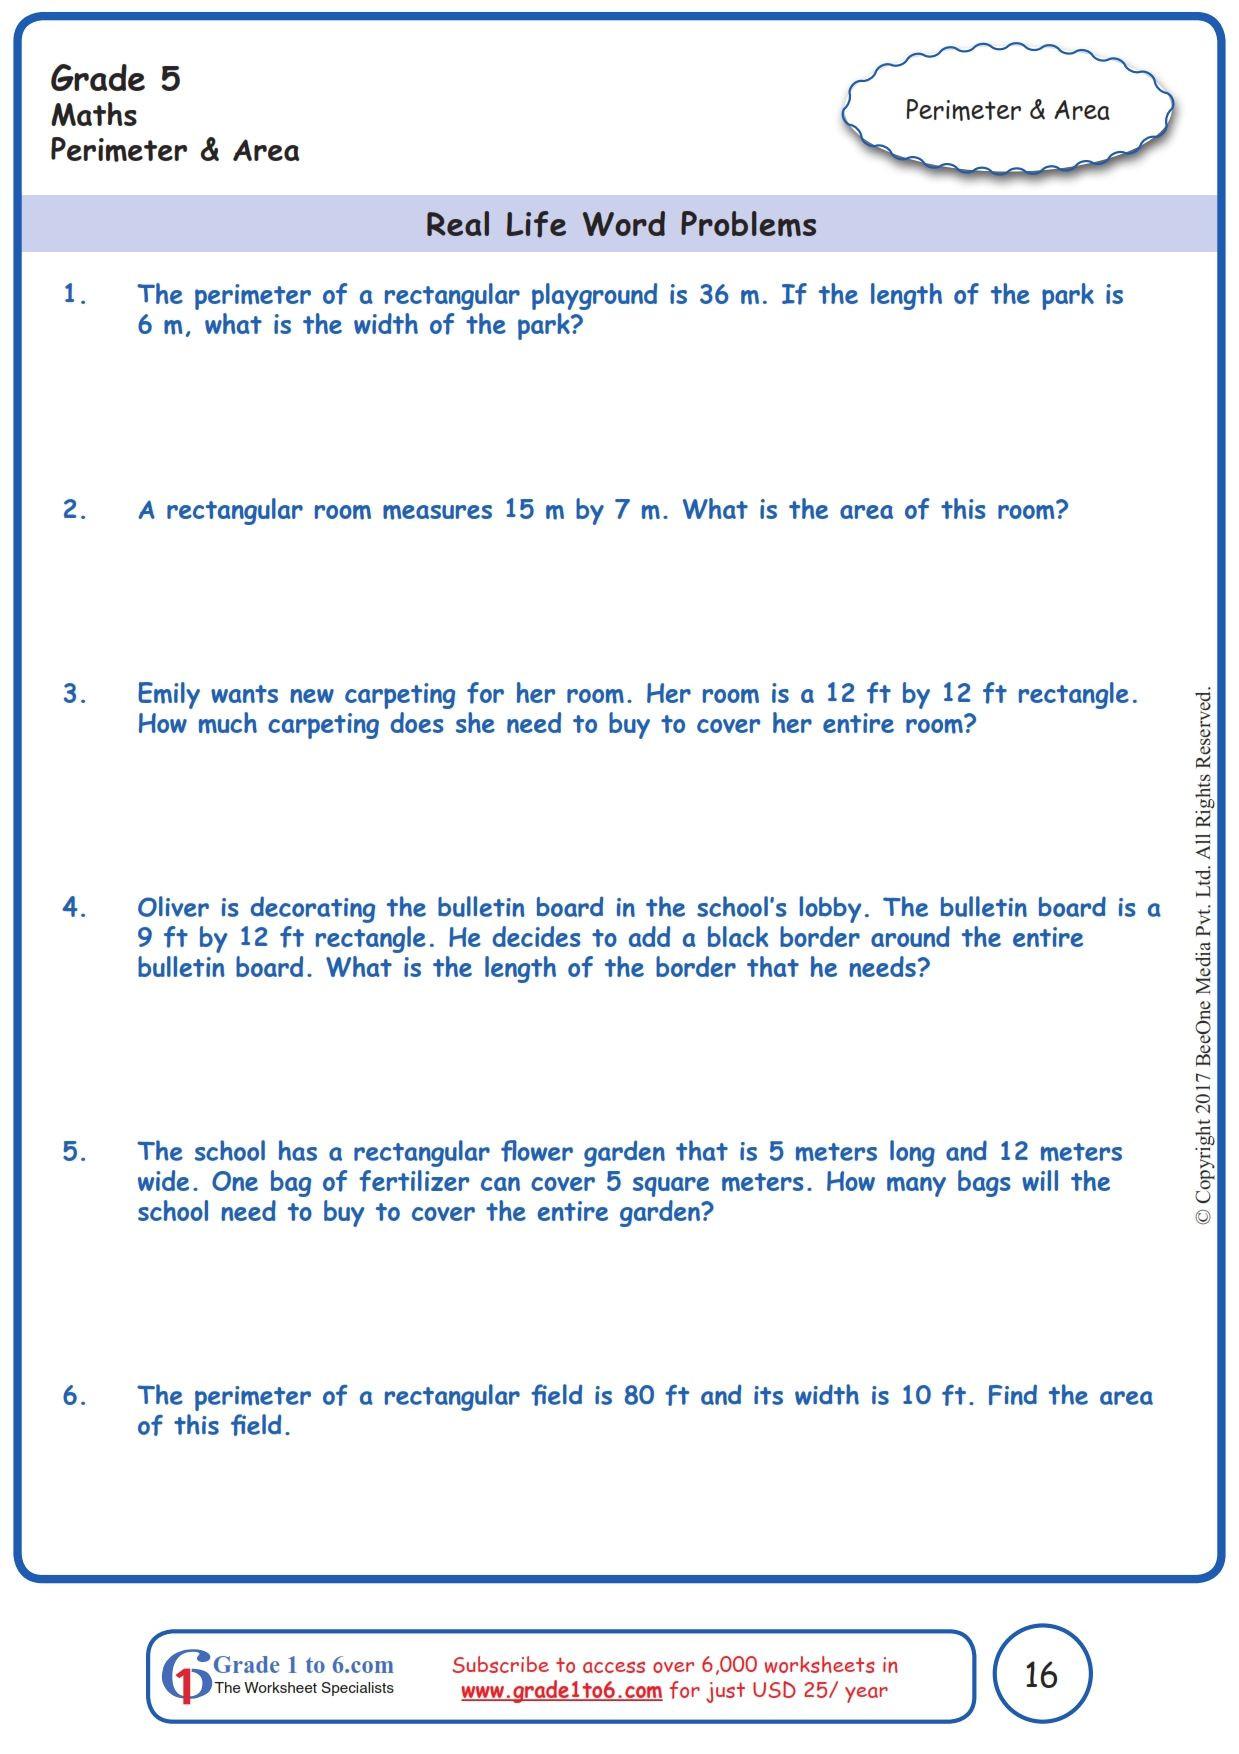 30 Perimeter Word Problems Worksheet